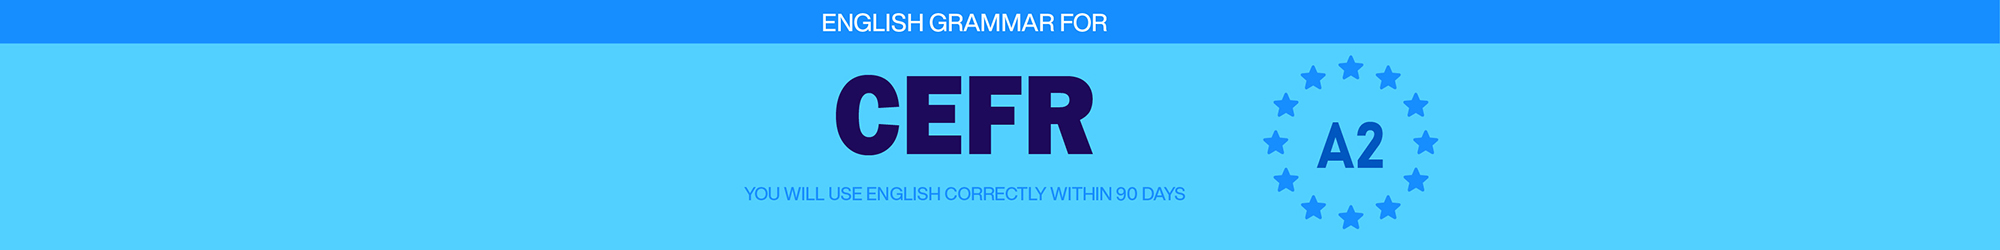 GRAMMAR FOR CEFR (C2) banner